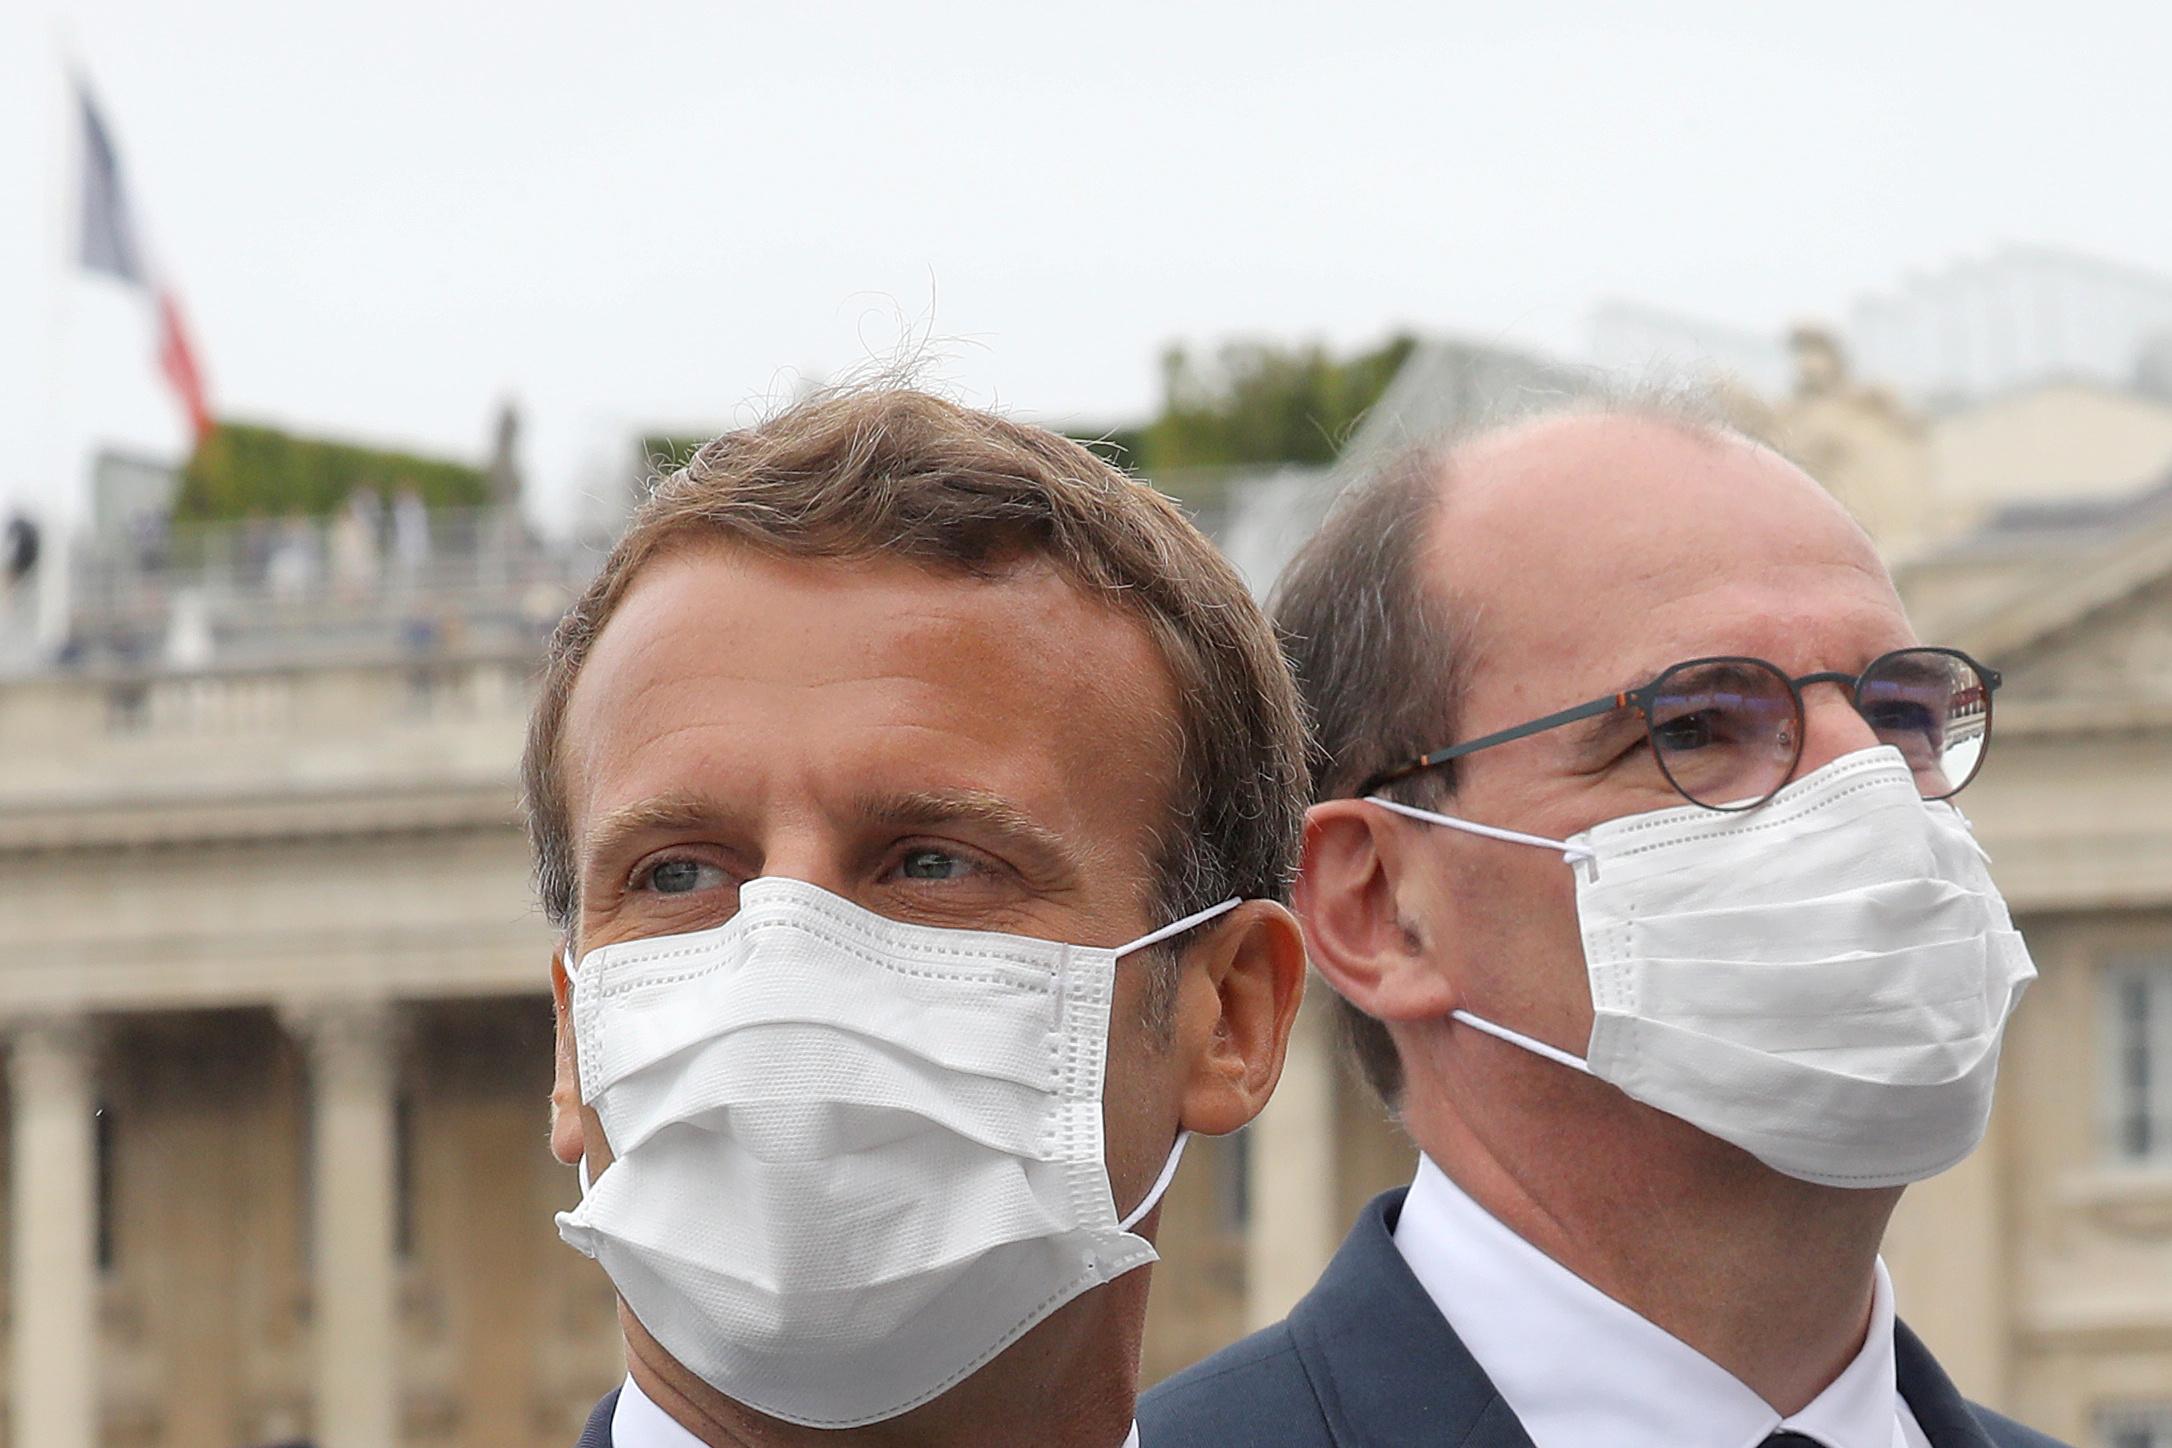 Le masque obligatoire dans les lieux publics clos le 1er août, dit Macron